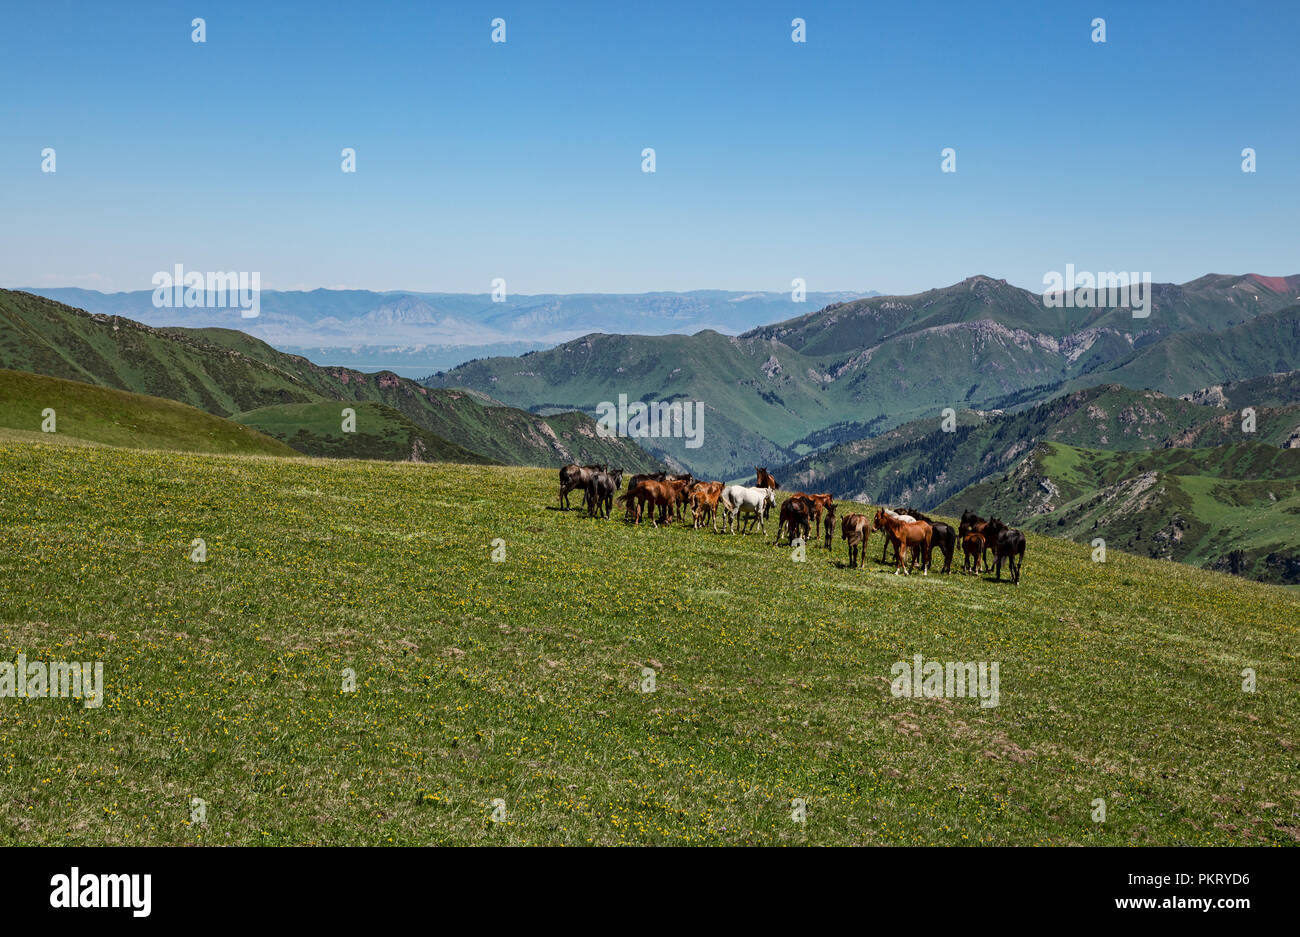 Semi-wild Kirgisischen Pferde grasen auf hochgelegenen Almen mit Uch Kashka Tal im Hintergrund, Keskenkyia Loop trek, Jyrgalan, Kirgisistan Stockbild